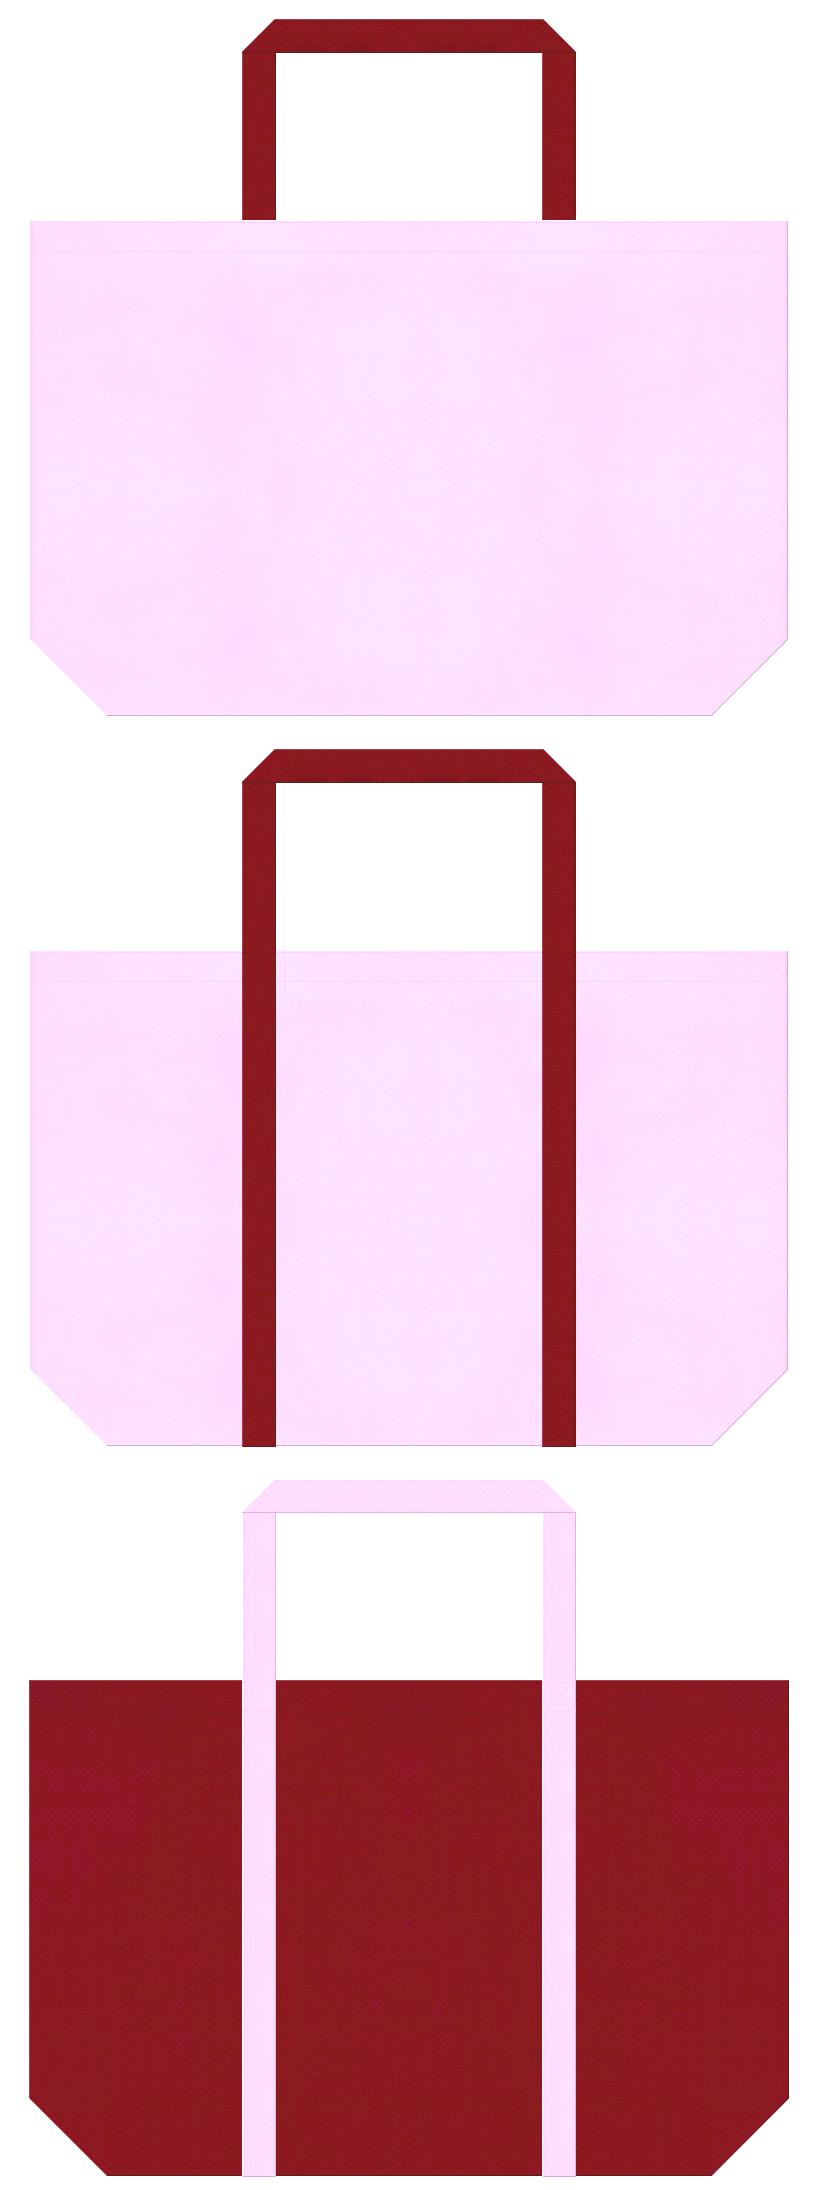 学校・学園・オープンキャンパス・レッスンバッグ・着物・振袖・成人式・ひな祭り・お正月・写真館・和風催事にお奨めの不織布バッグデザイン:明るいピンク色とエンジ色のコーデ